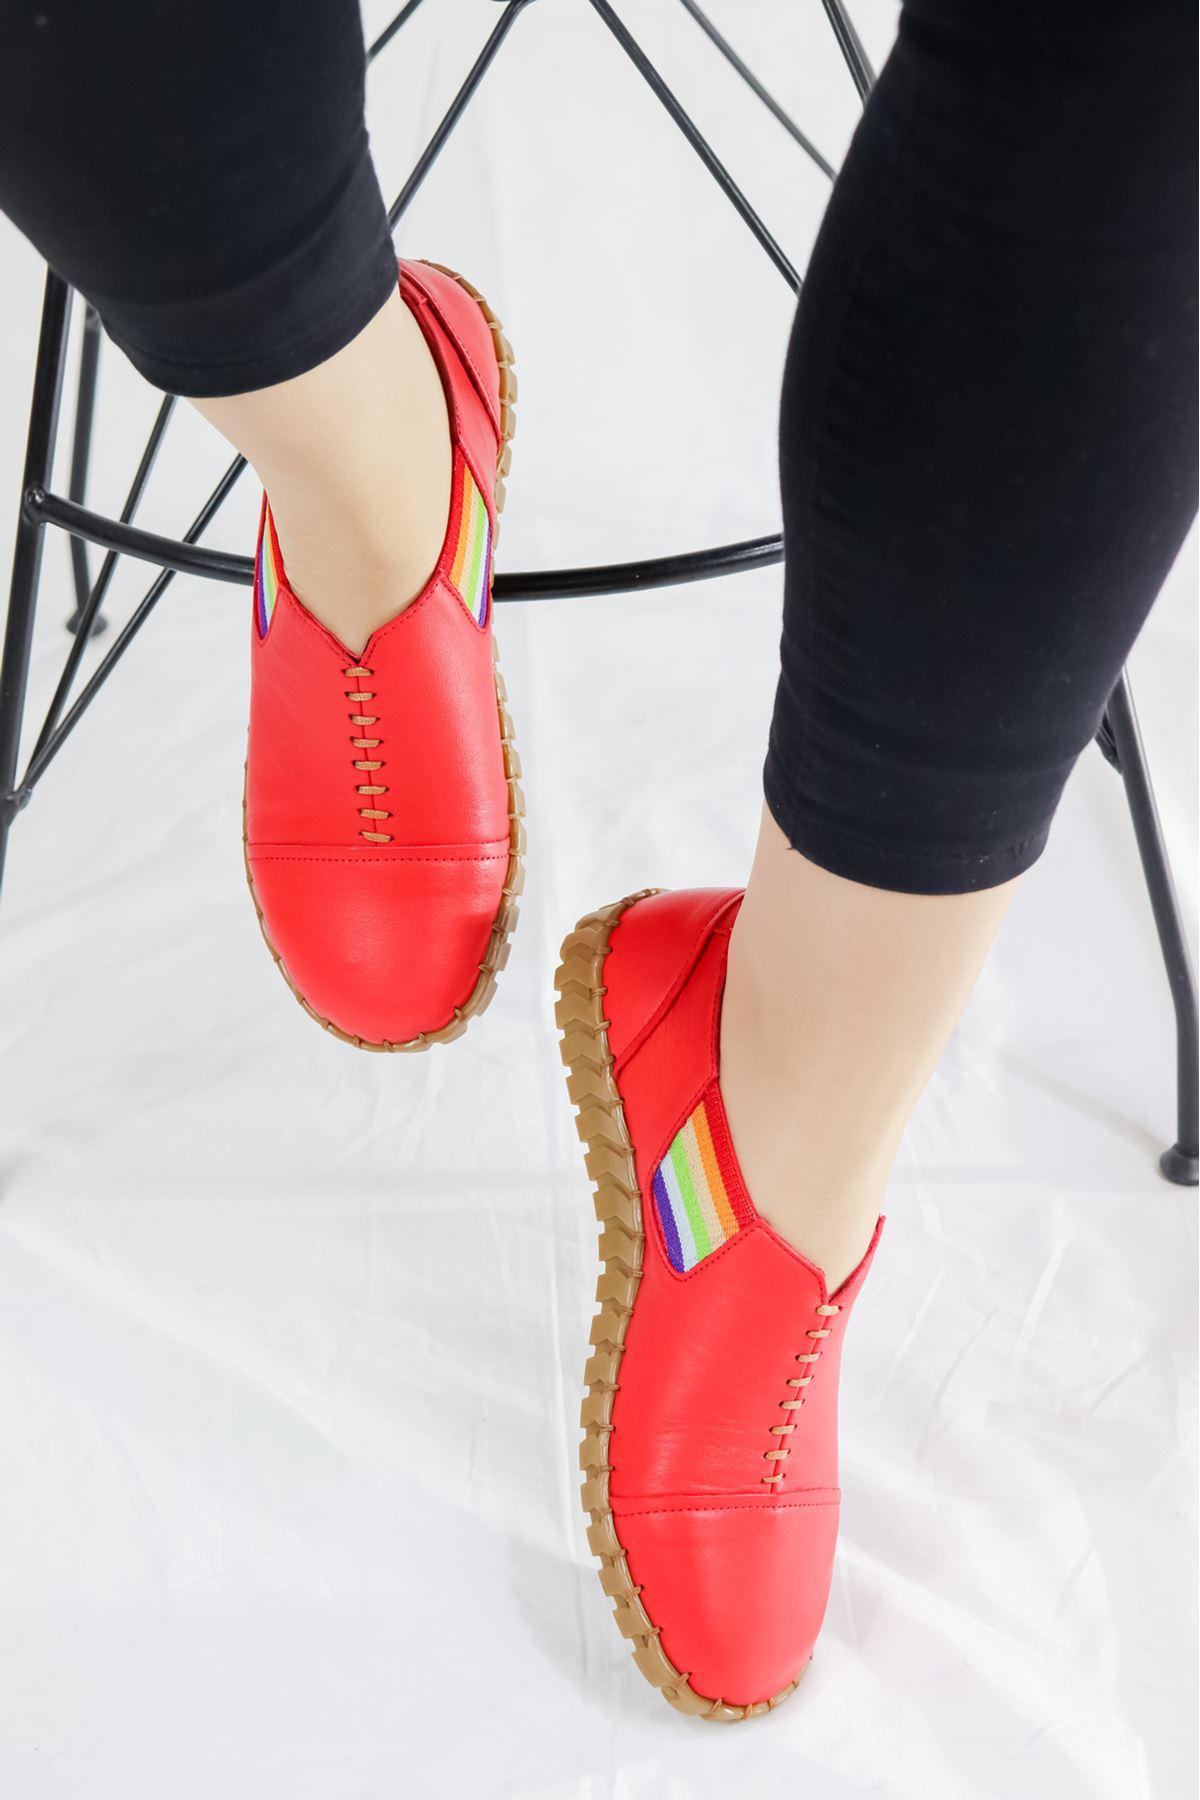 Venüs - 20107034 Kırmızı Lastikli Kadın Ayakkabısı